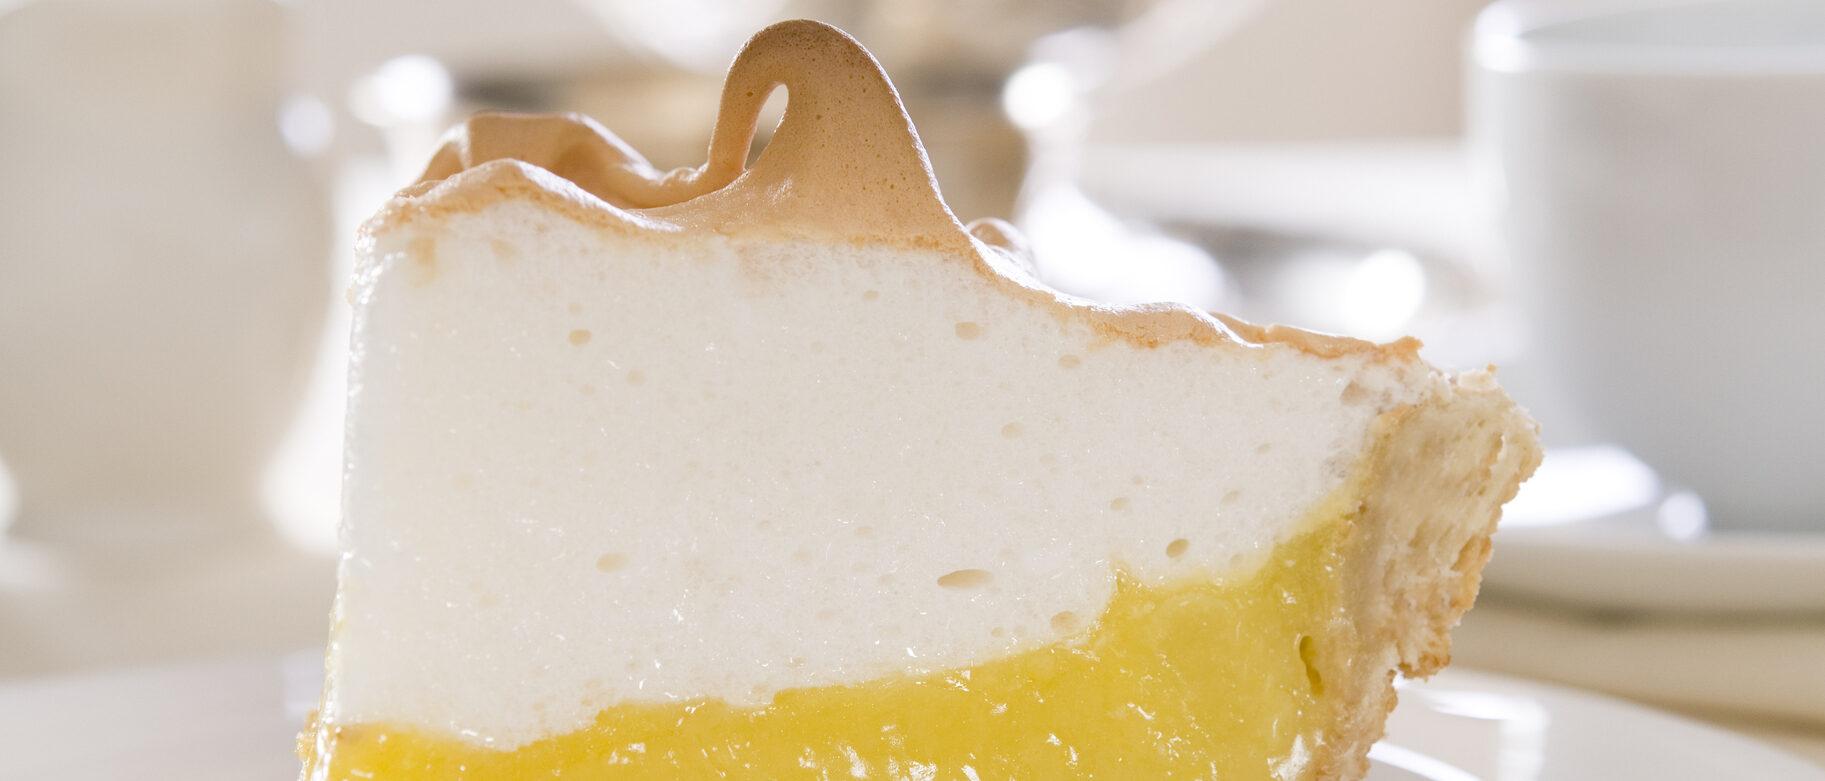 Crostata al limone senza glutine